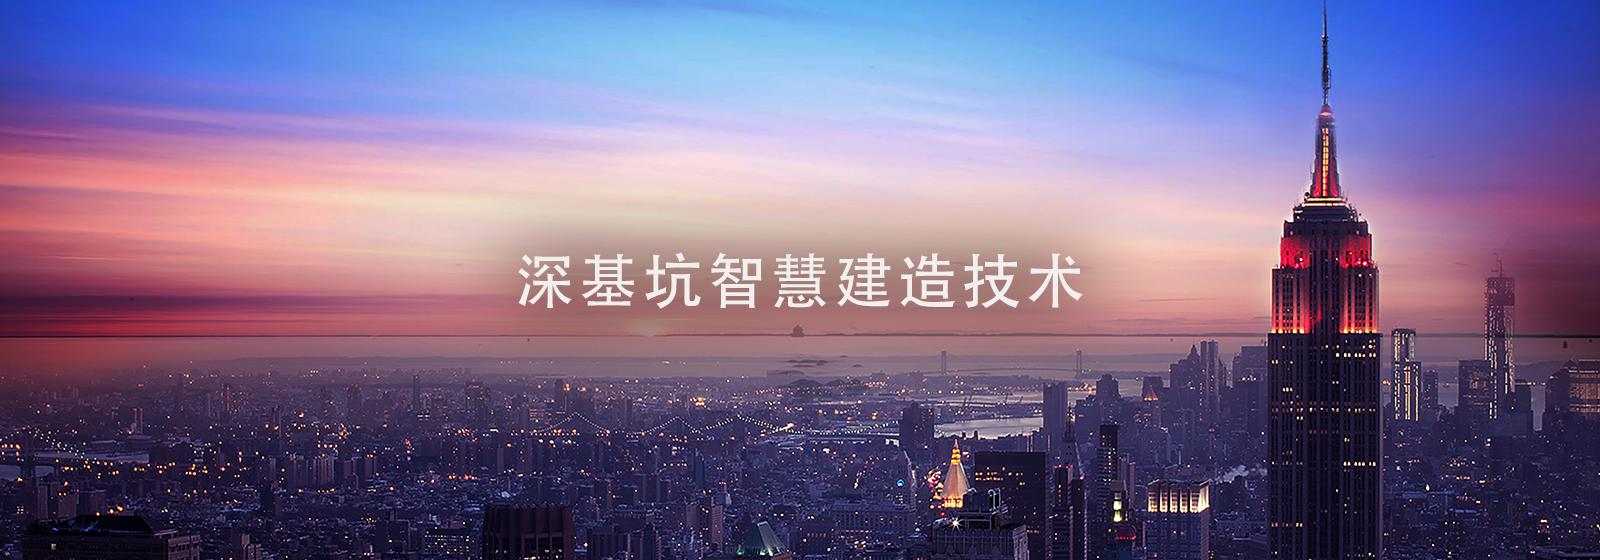 官網首頁banner-深基坑智慧建造技術-1009